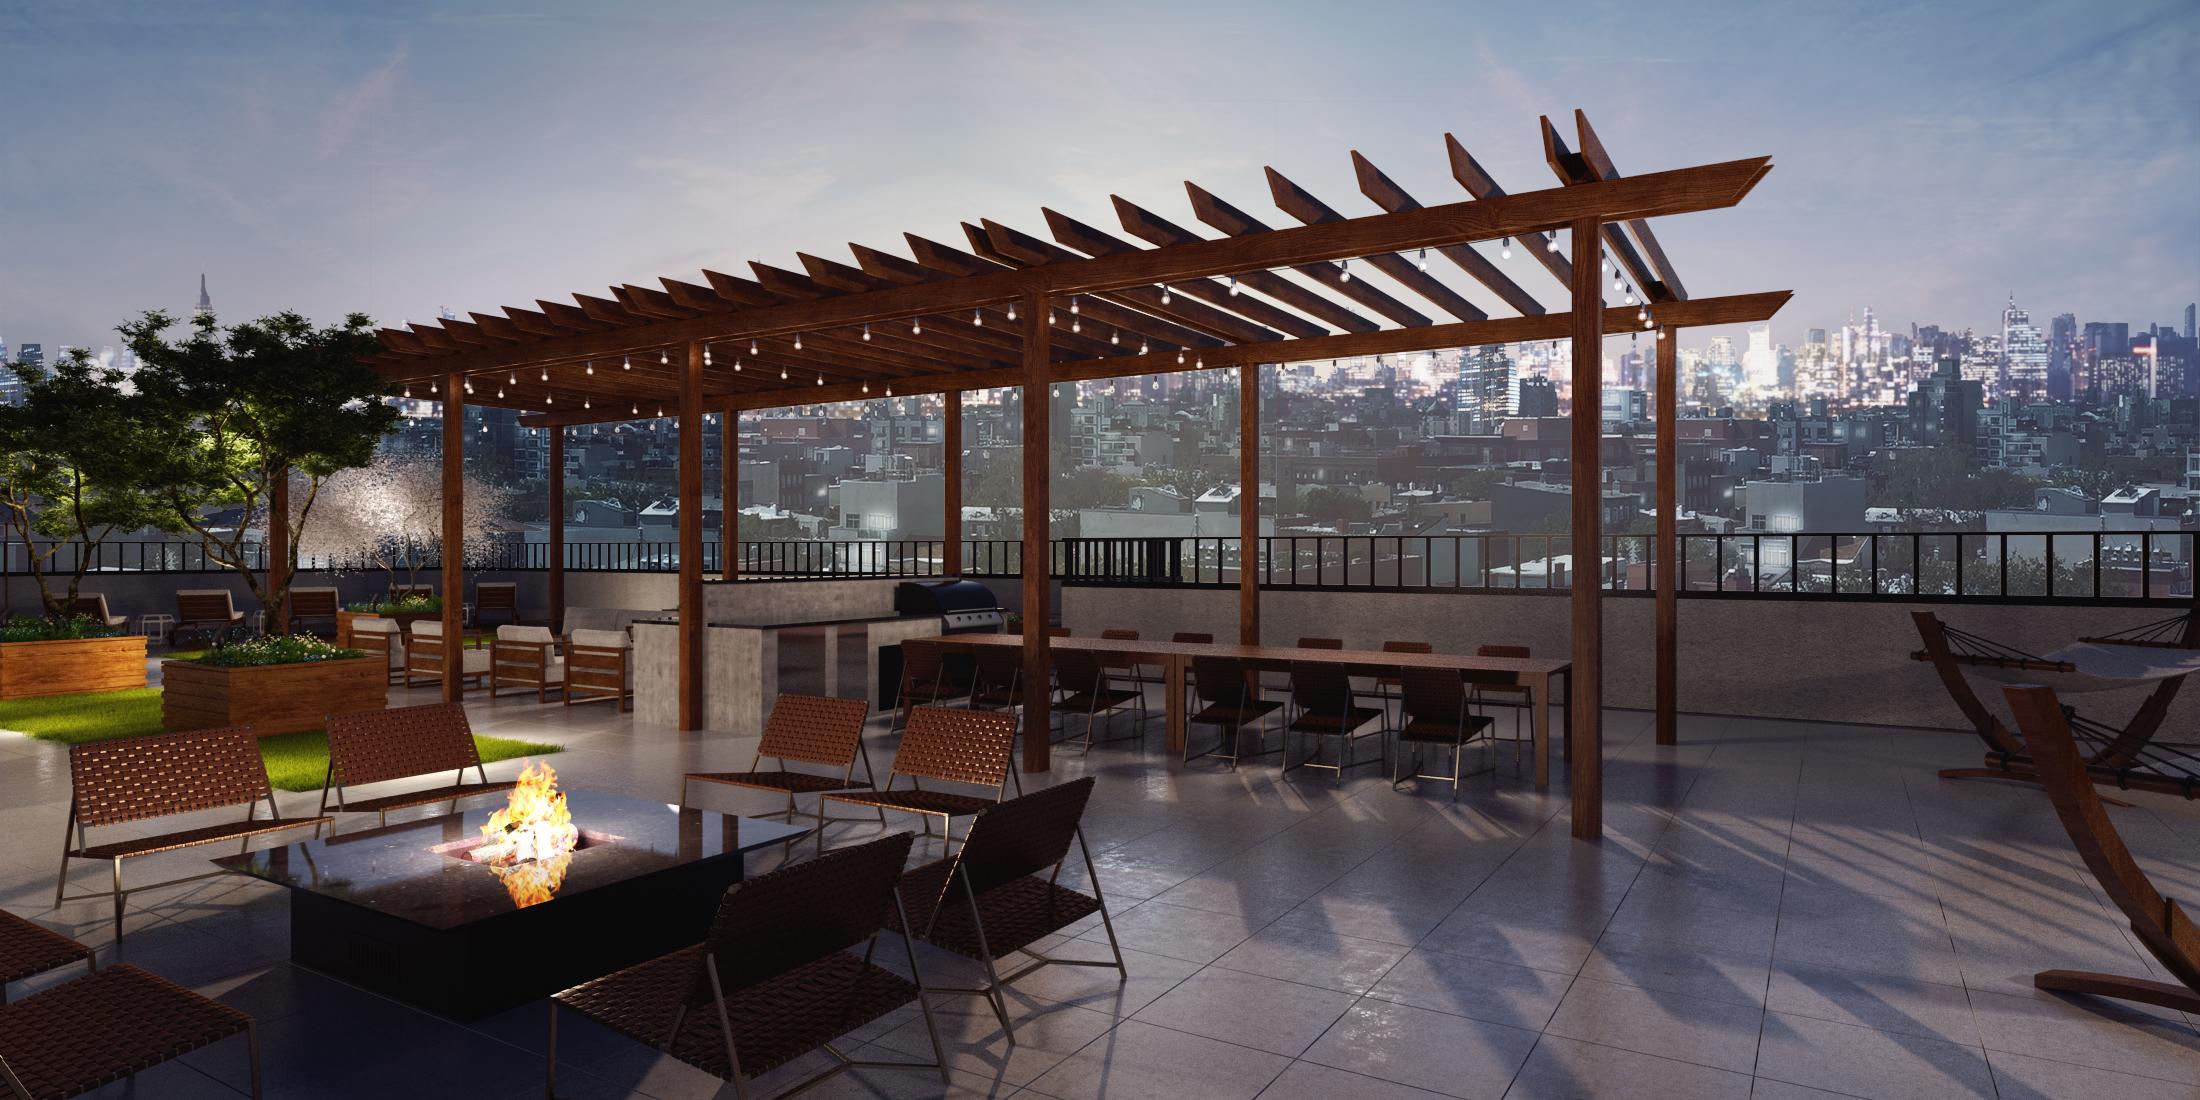 2016.06.10_774_Rooftop Rendering.jpg